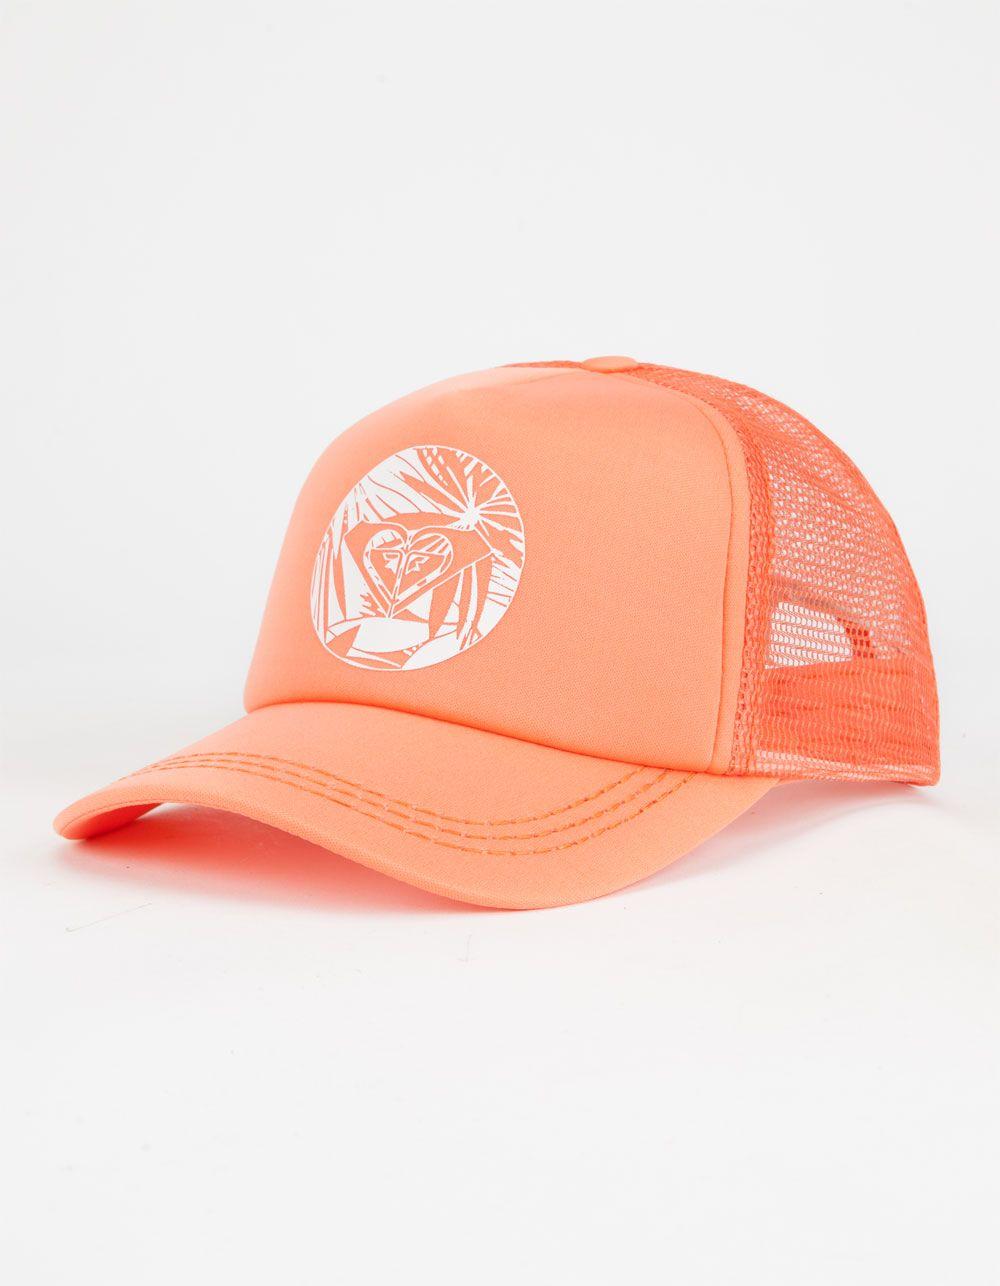 ROXY Trucking Womens Trucker Hat 259657313 | Hats